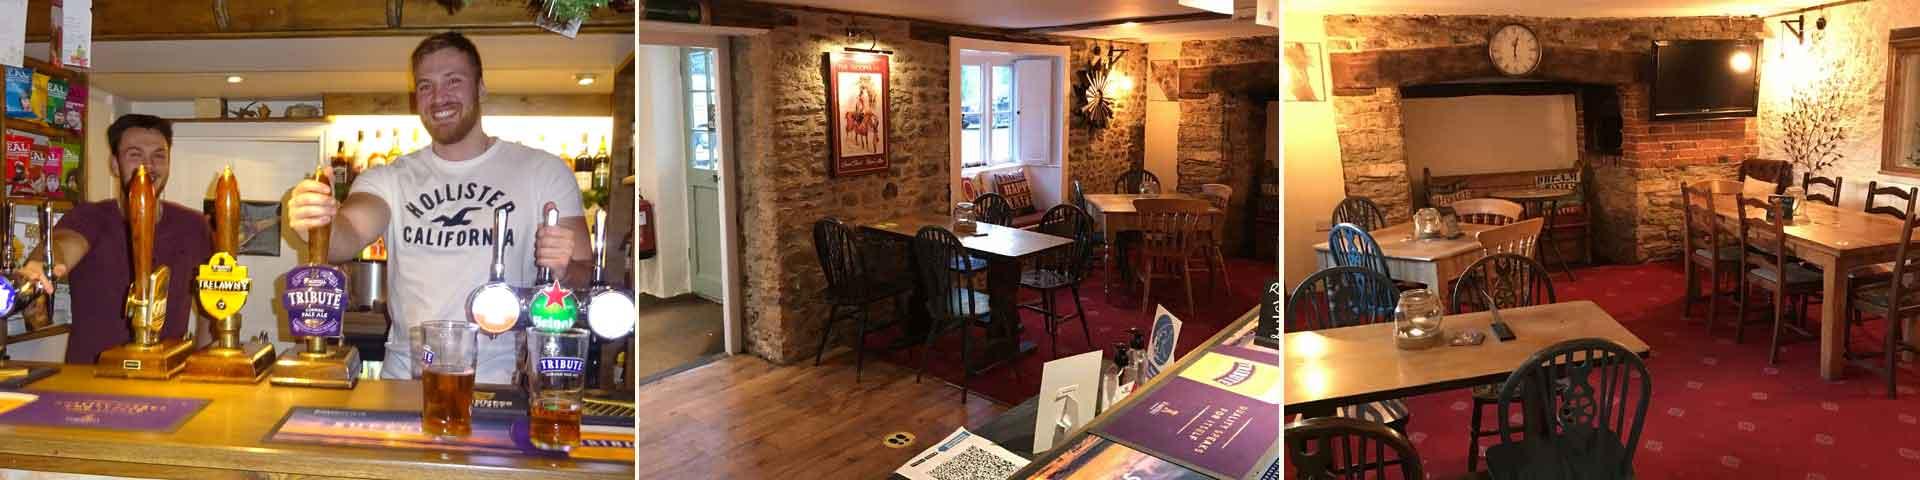 Inside Pub Slider